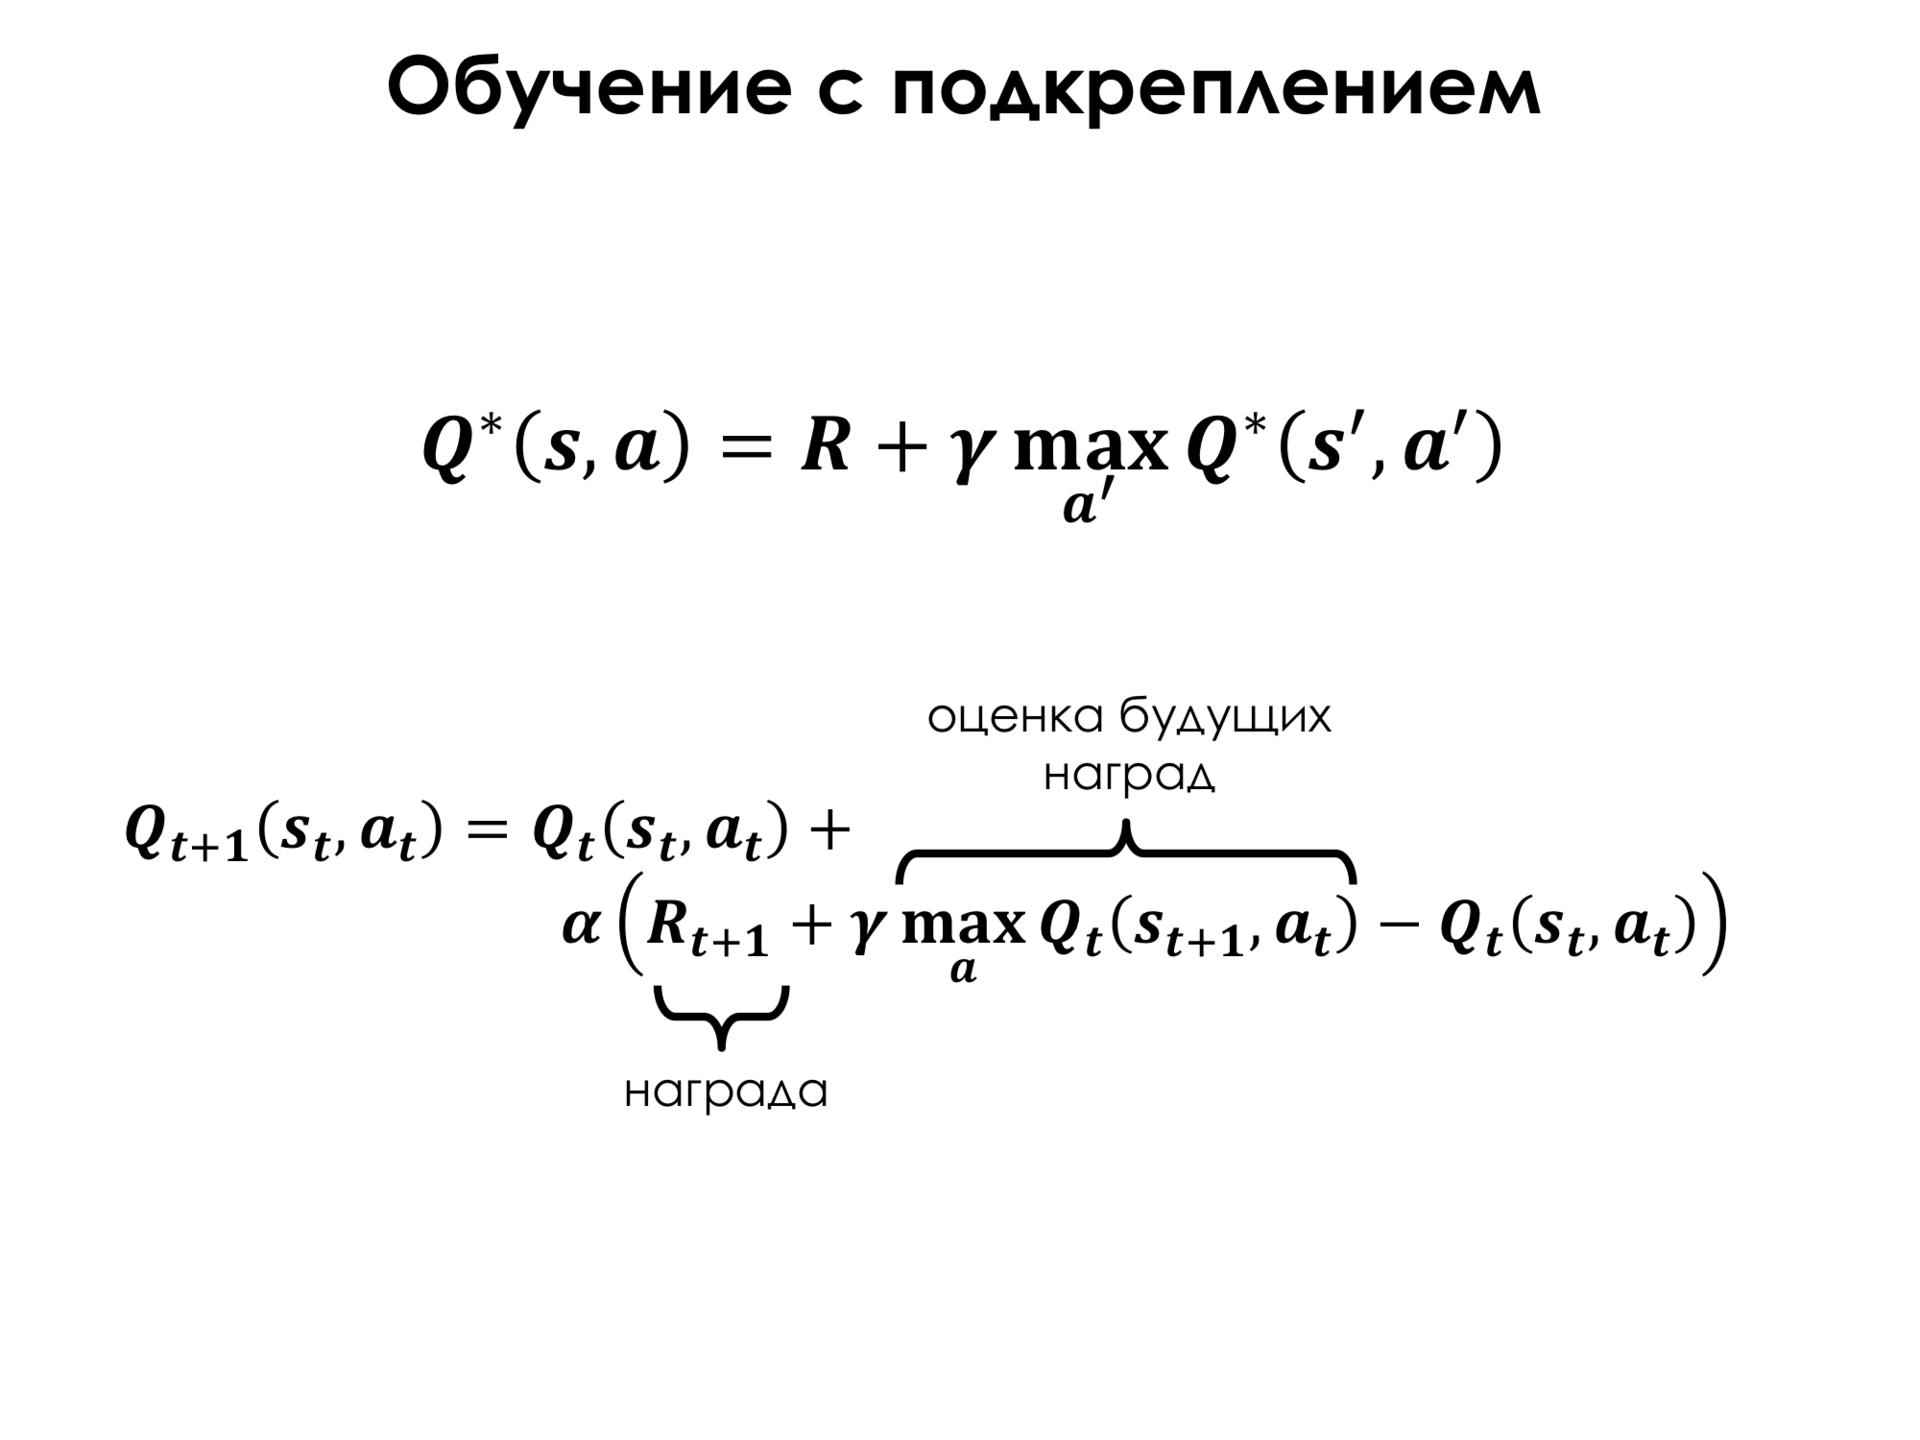 Самое главное о нейронных сетях. Лекция в Яндексе - 50